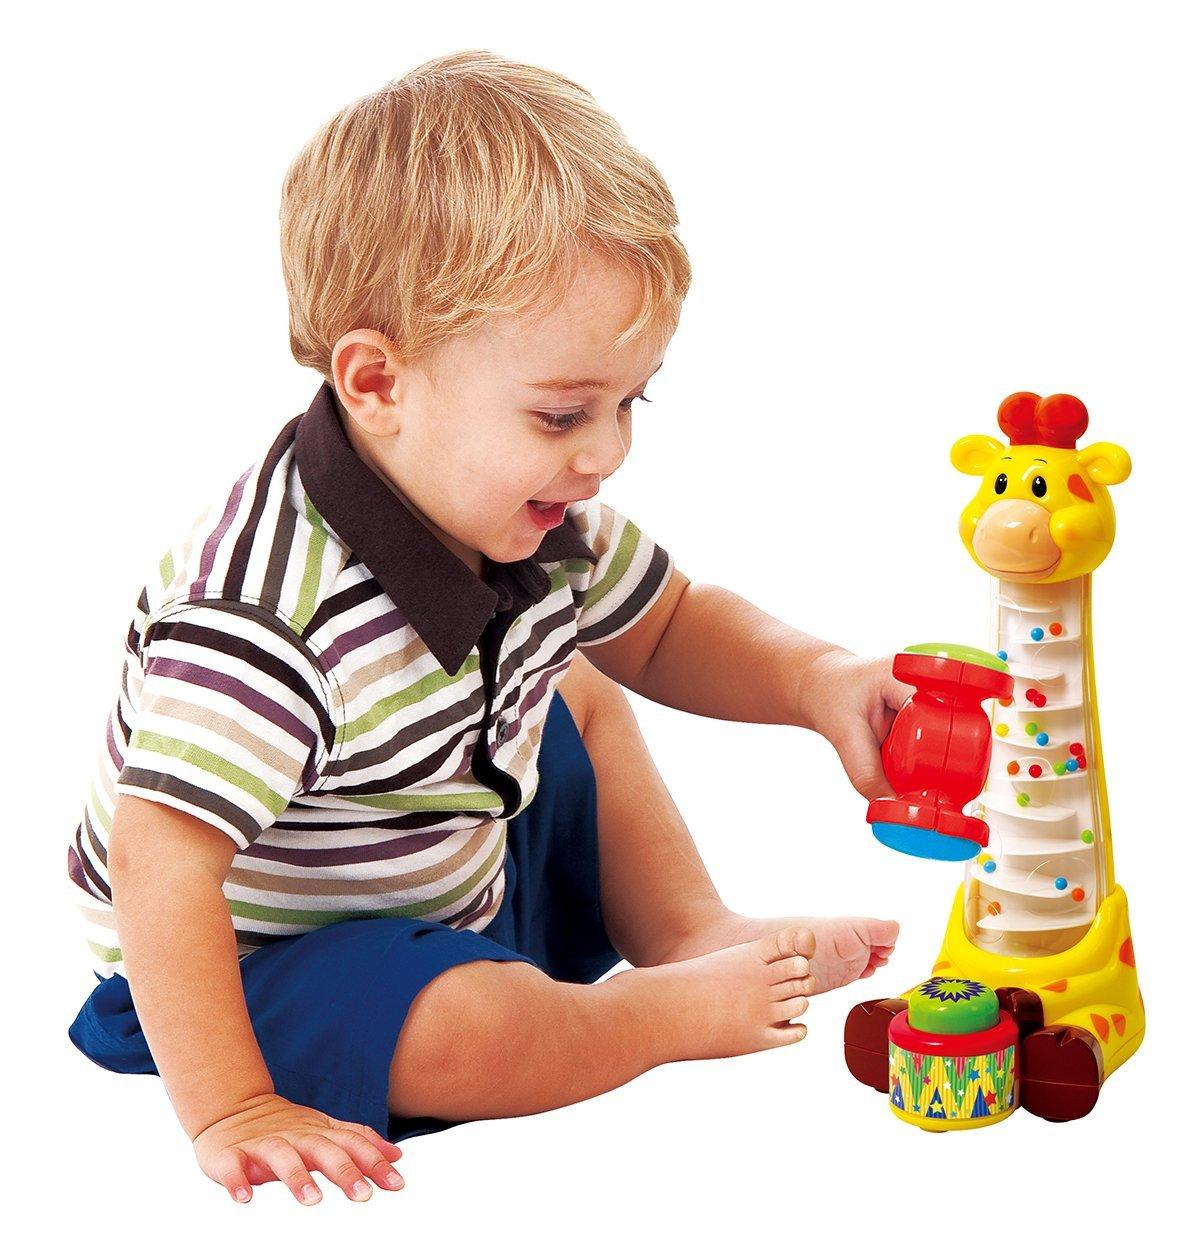 Игрушки для детей картинки 5 лет, открытки одним годиком